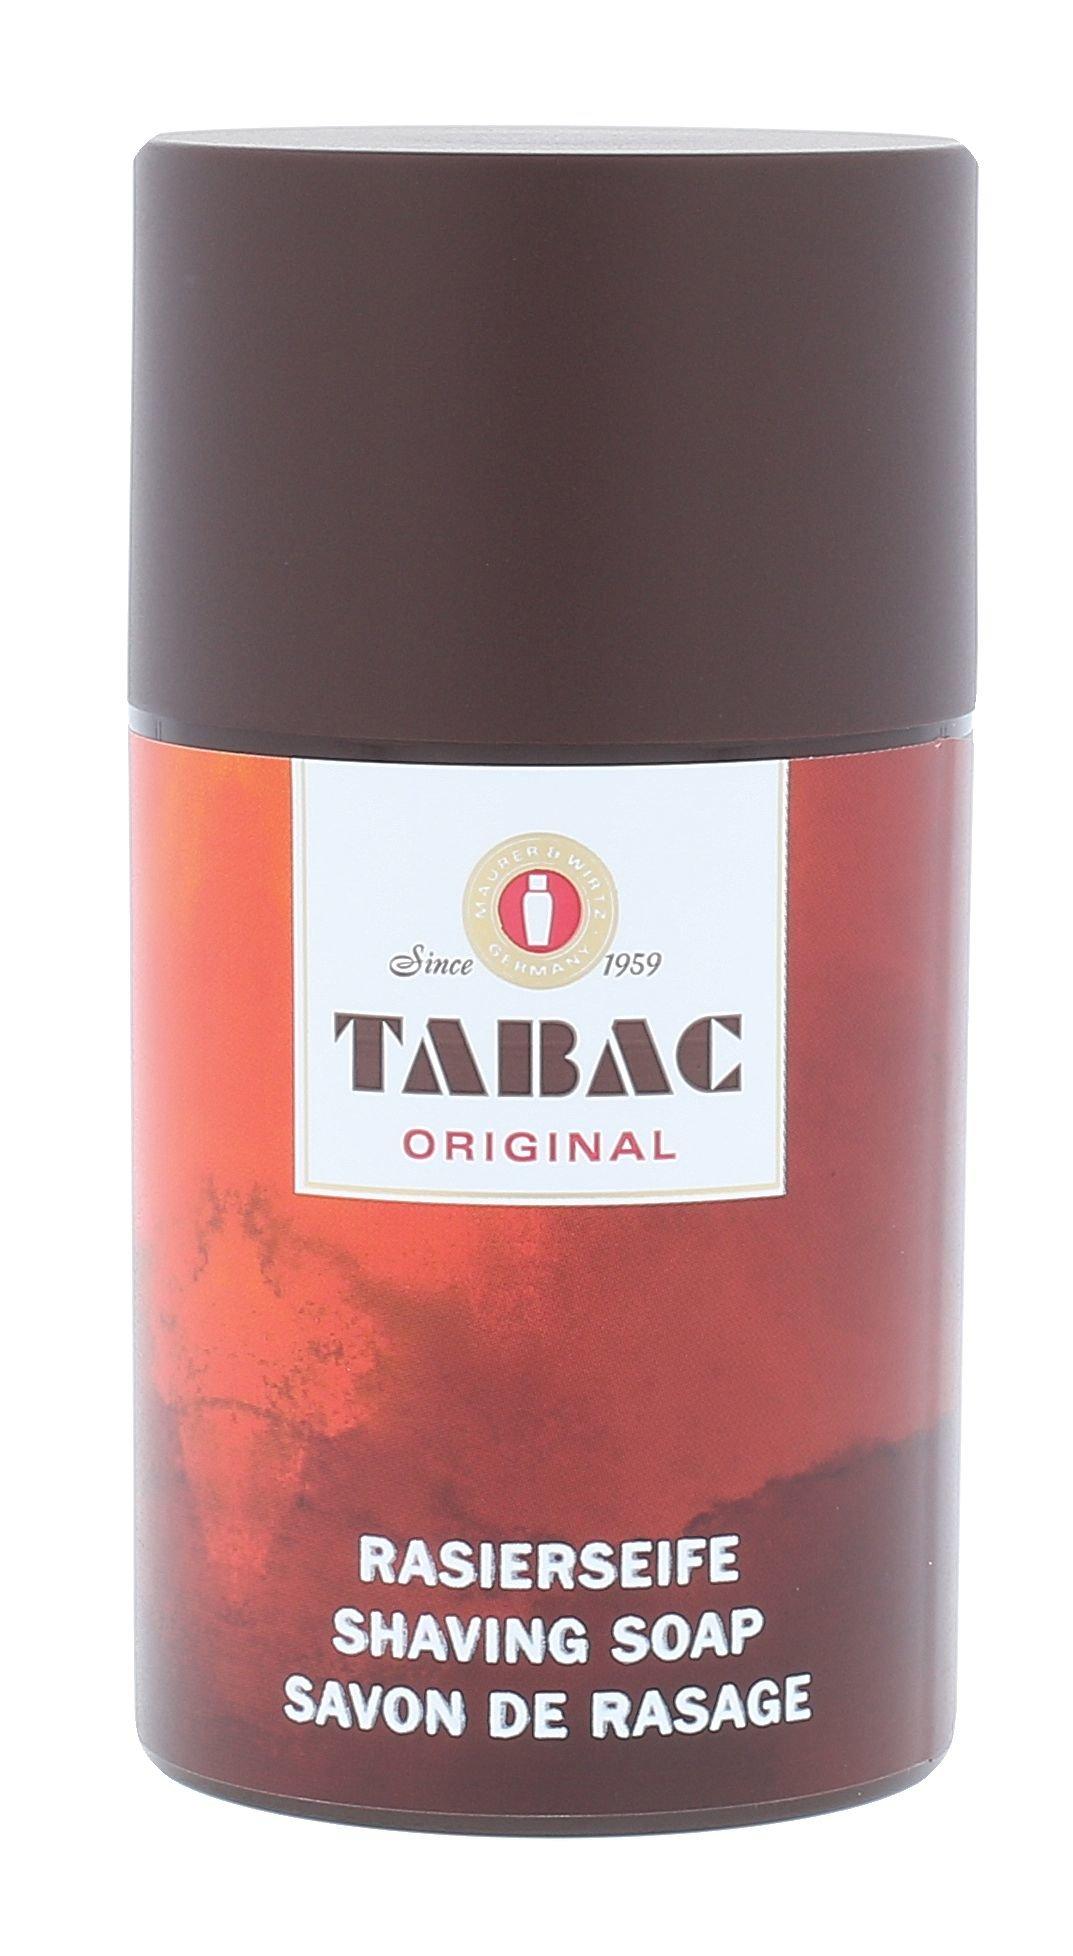 Tabac Original Mýdlo na holení 100g